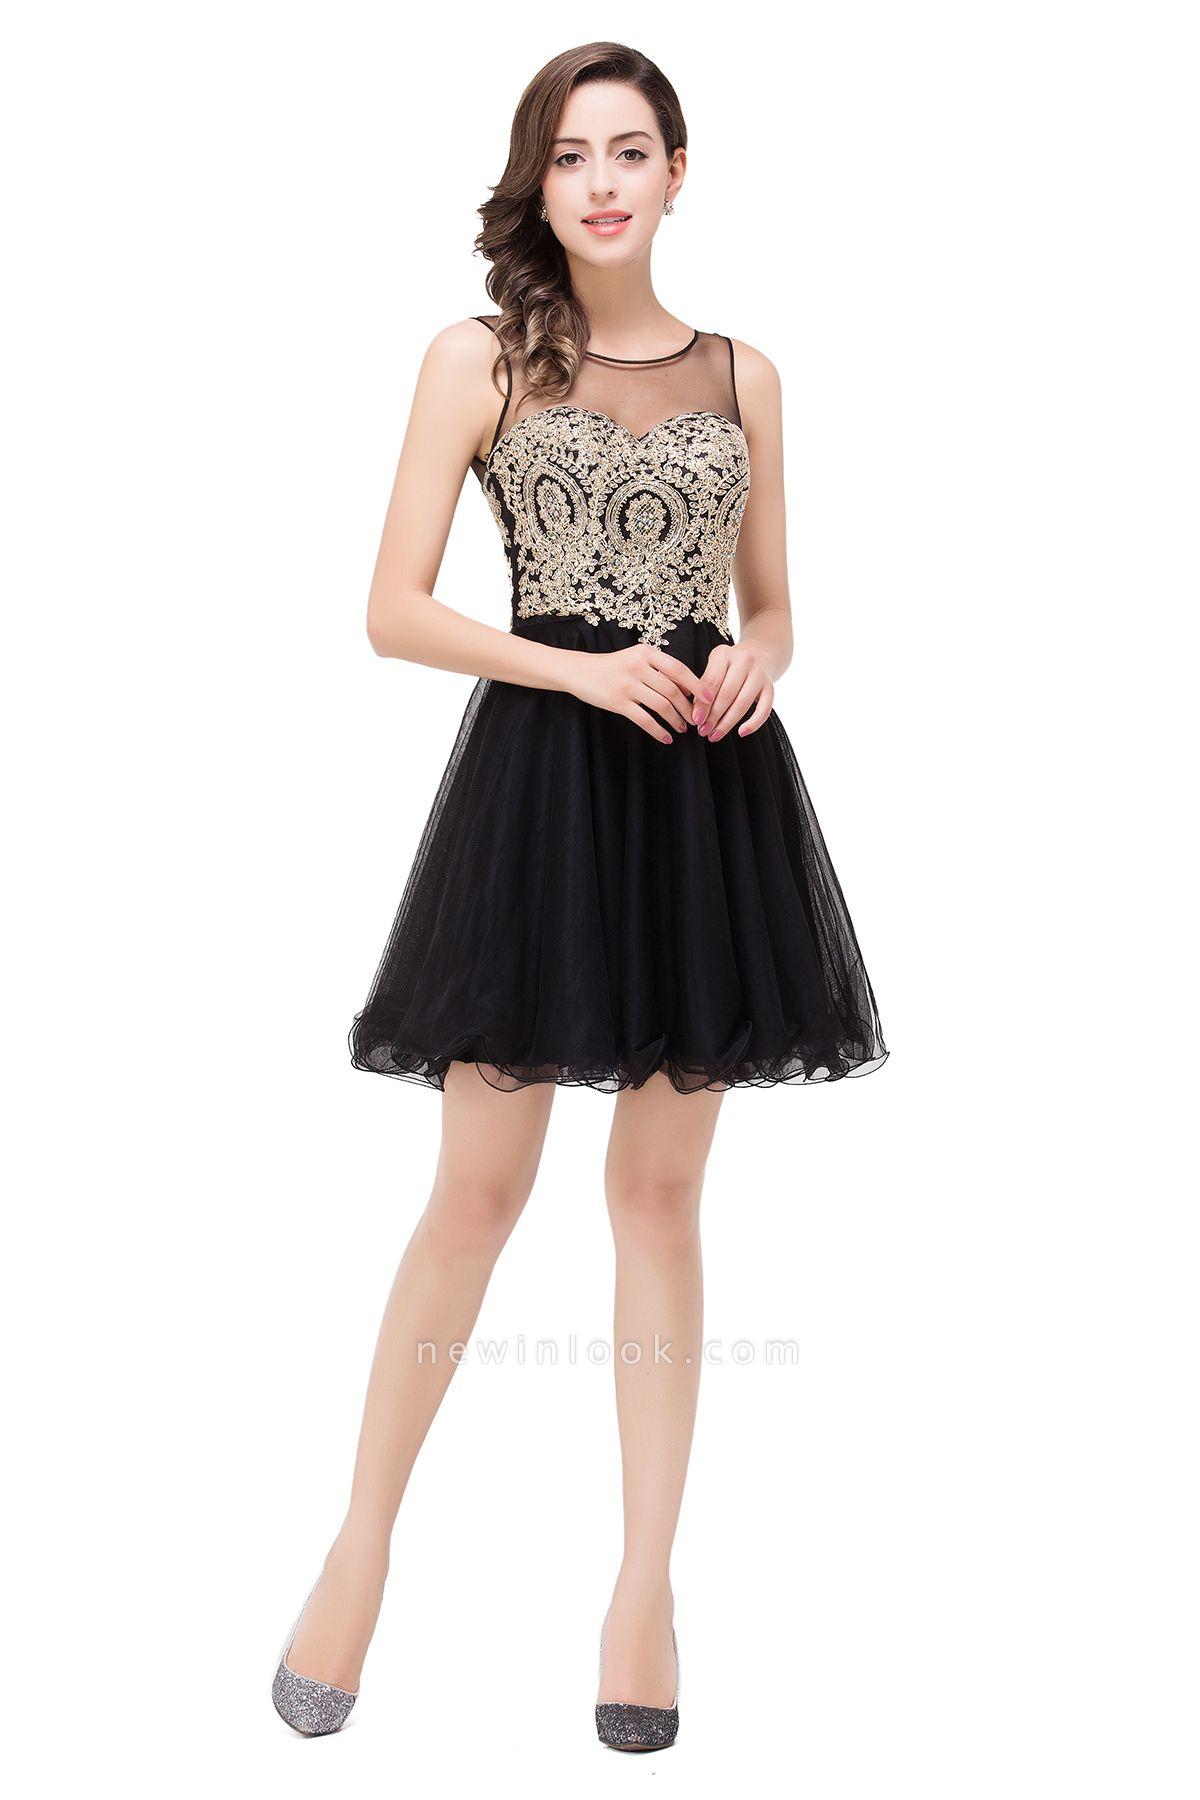 ESTRELLA | Quinceanera Crew Short Sleeveless Appliques Prom Dress